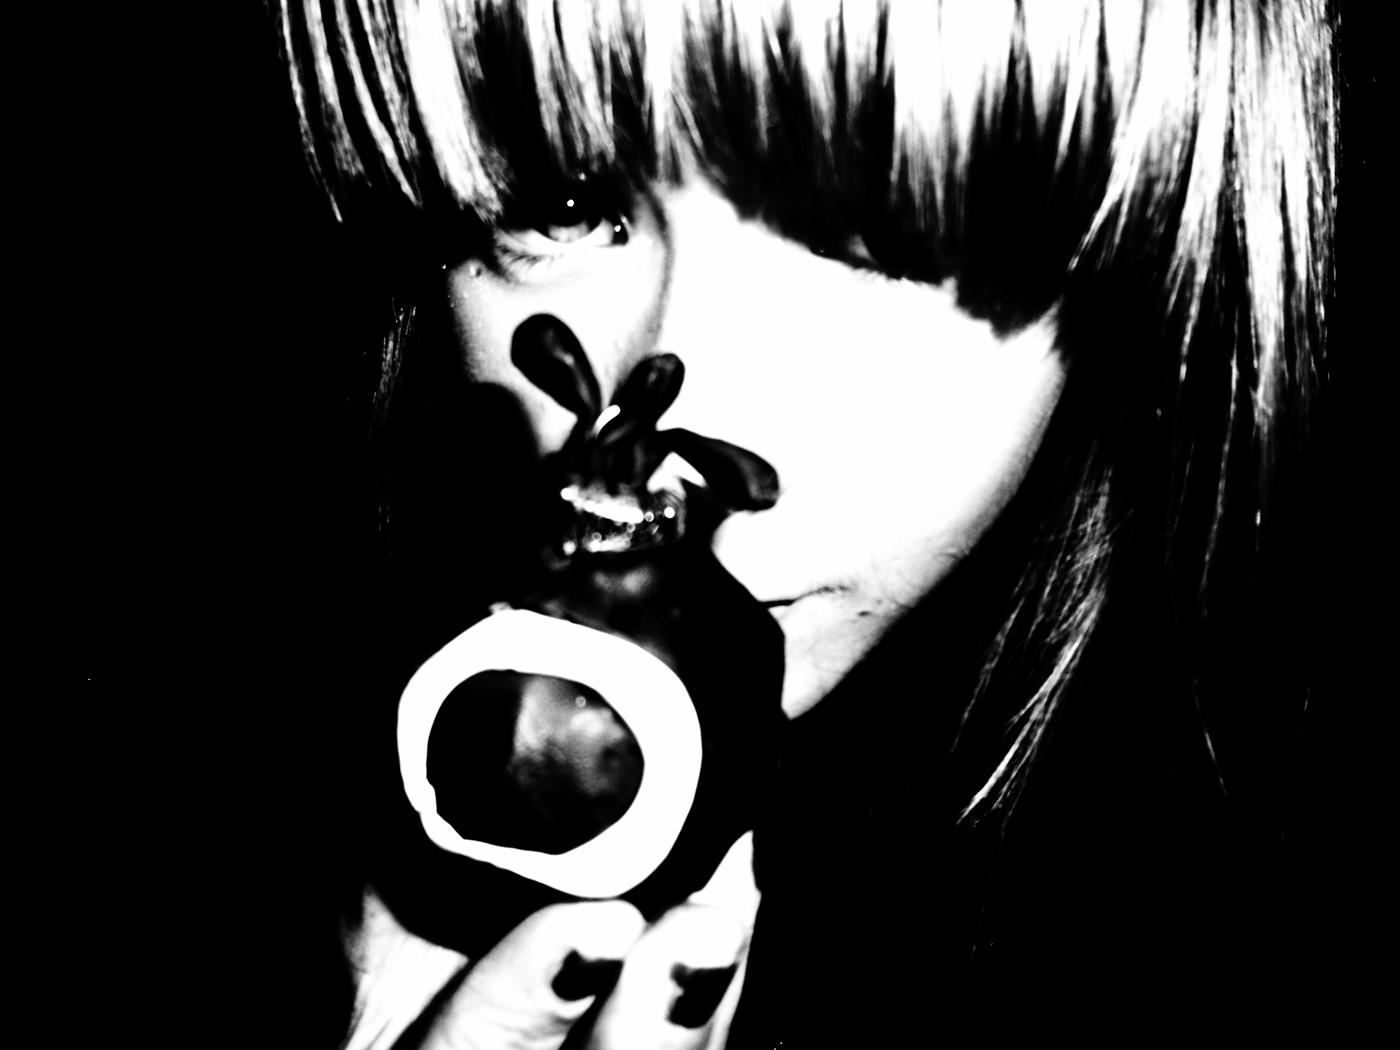 saberr-desu's Profile Picture